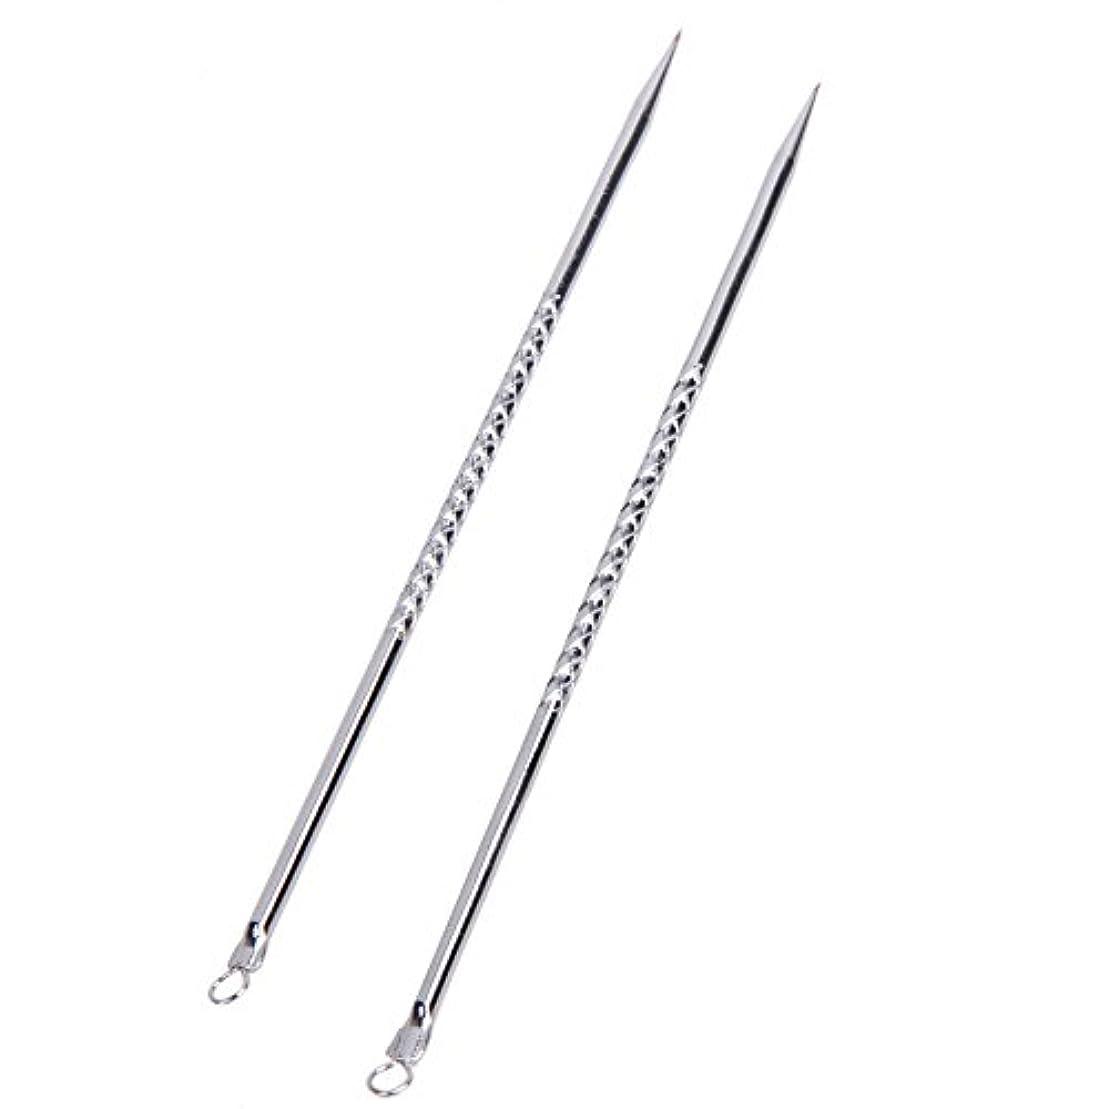 減る有効化クリップ6pcs Blackhead Acne Pimple Remover Tool Extractors